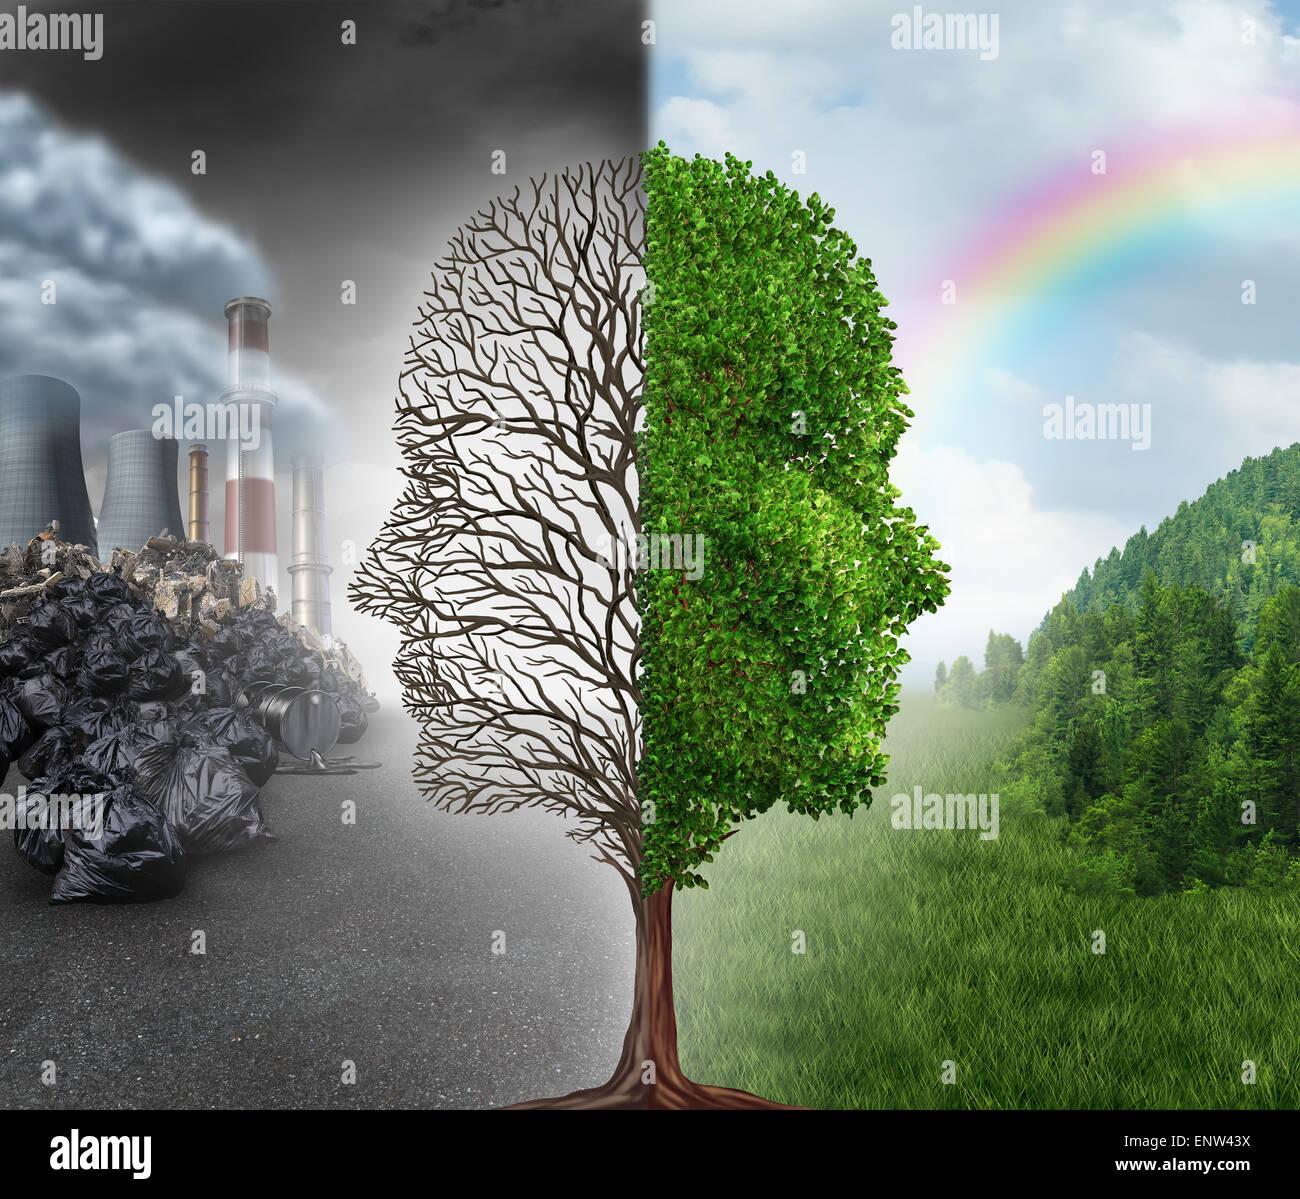 Veränderung der Umwelt und globale Erwärmung Umweltkonzept als Szene schneiden Sie in zwei mit Hälfte Stockbild